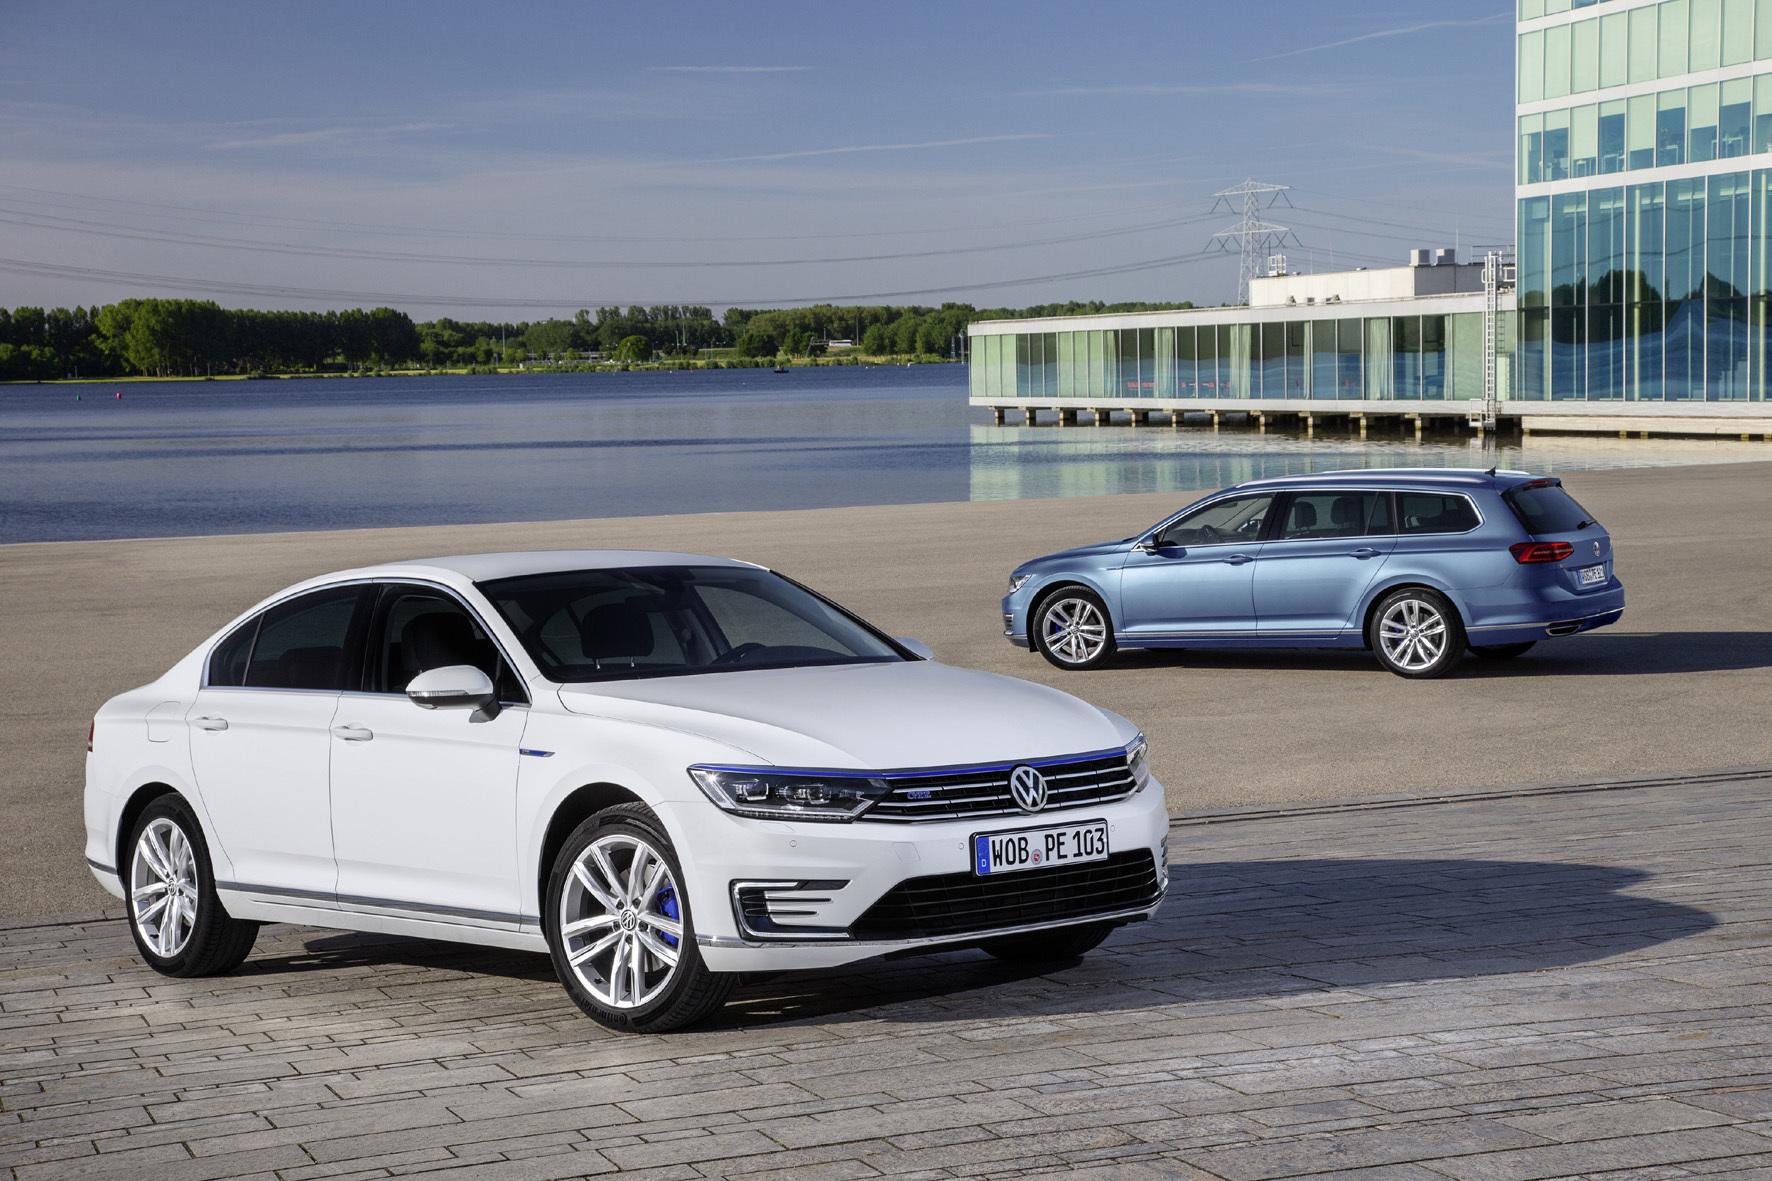 mid Amsterdam - Sparer und Sprinter zugleich: Der VW Passat GTE mit Plug-in-Hybridantrieb startet jetzt als Limousine und Kombi in der Mittelklasse durch.